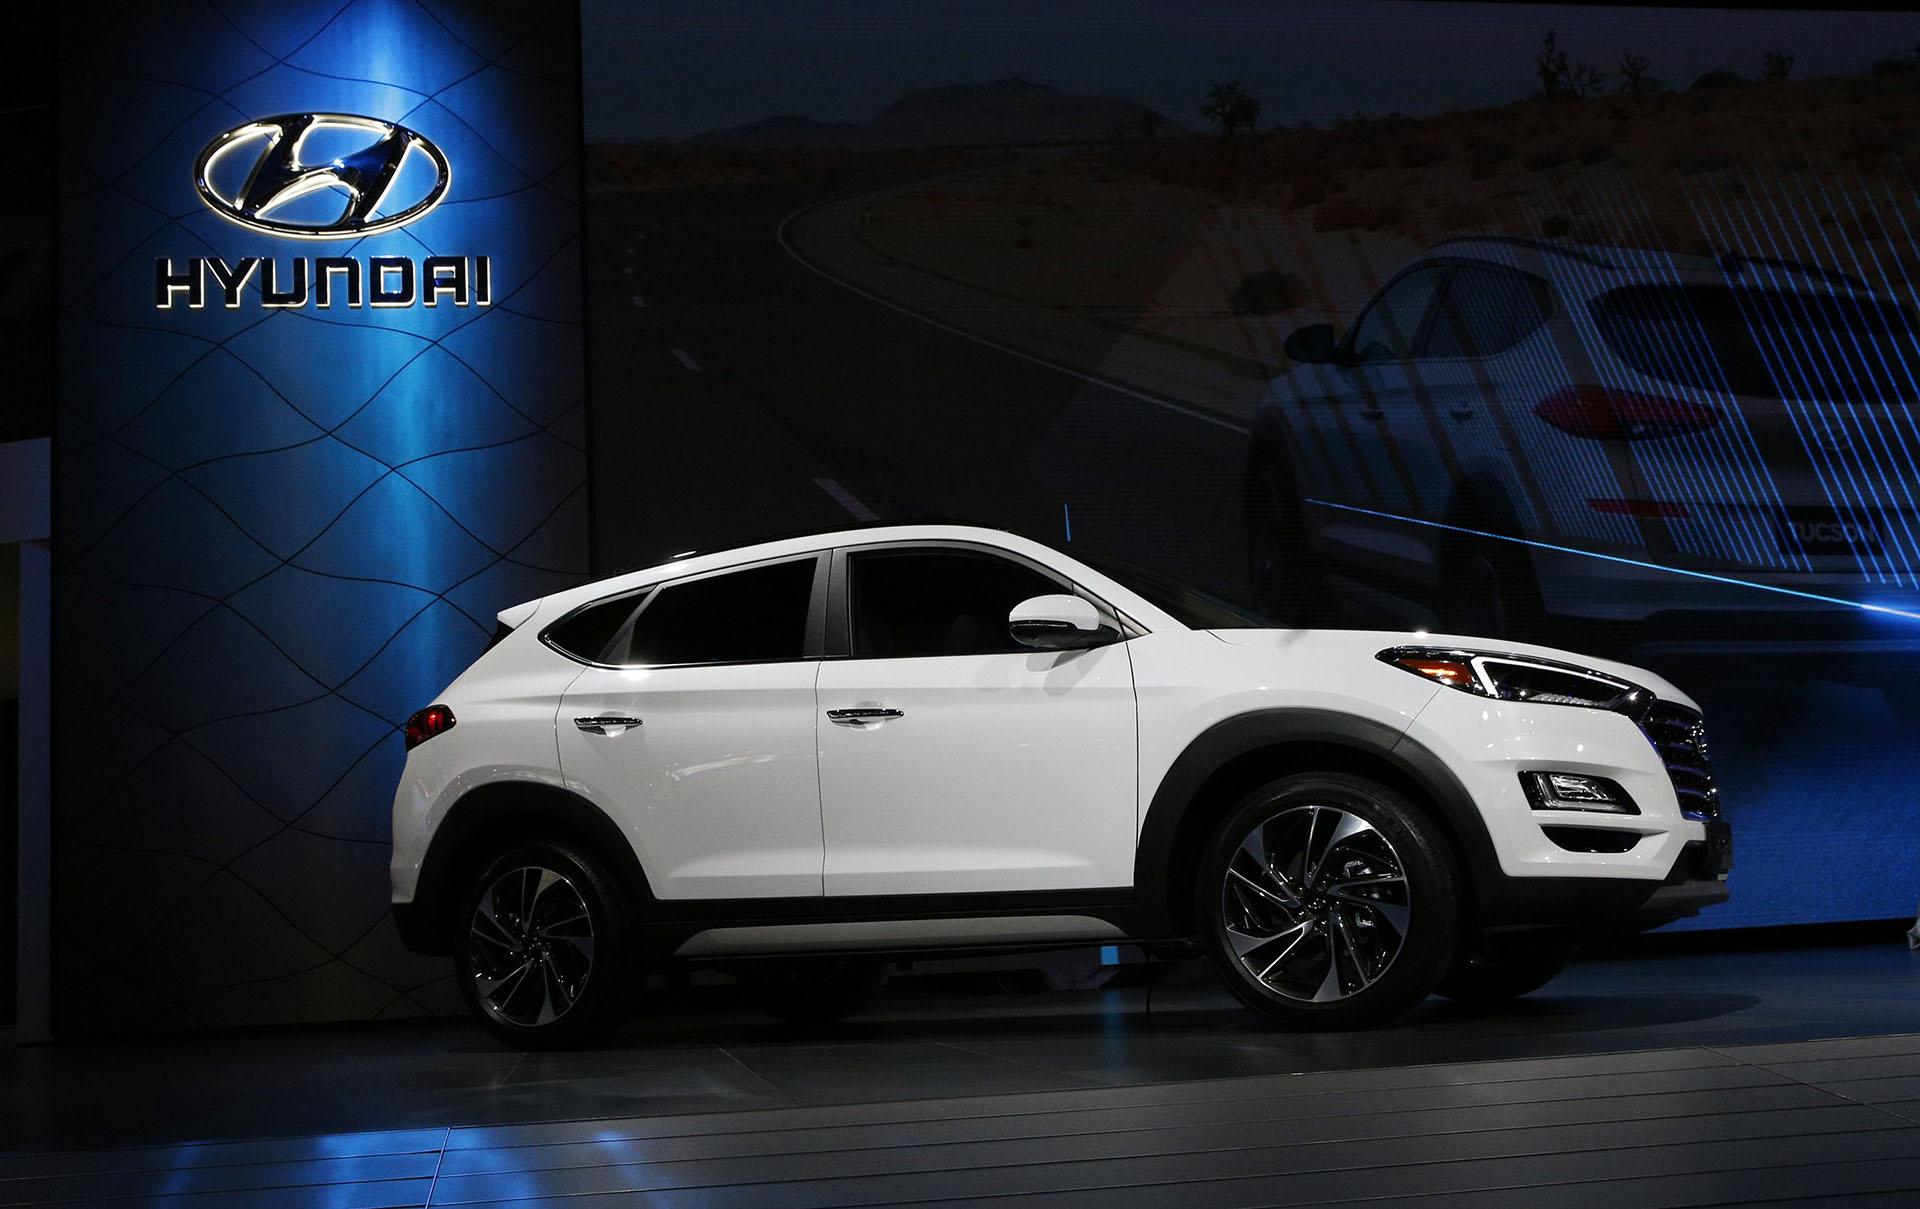 El Hyundai Tucson es la principal apuesta de la marca surcoreana en la cita neoyorquina. Uno de los SUV más vendidos a nivel global recibió un lavado de cara que demuestra el interés de la marca en seguir dominando en el segmento de mayor expansión en todo el mapa